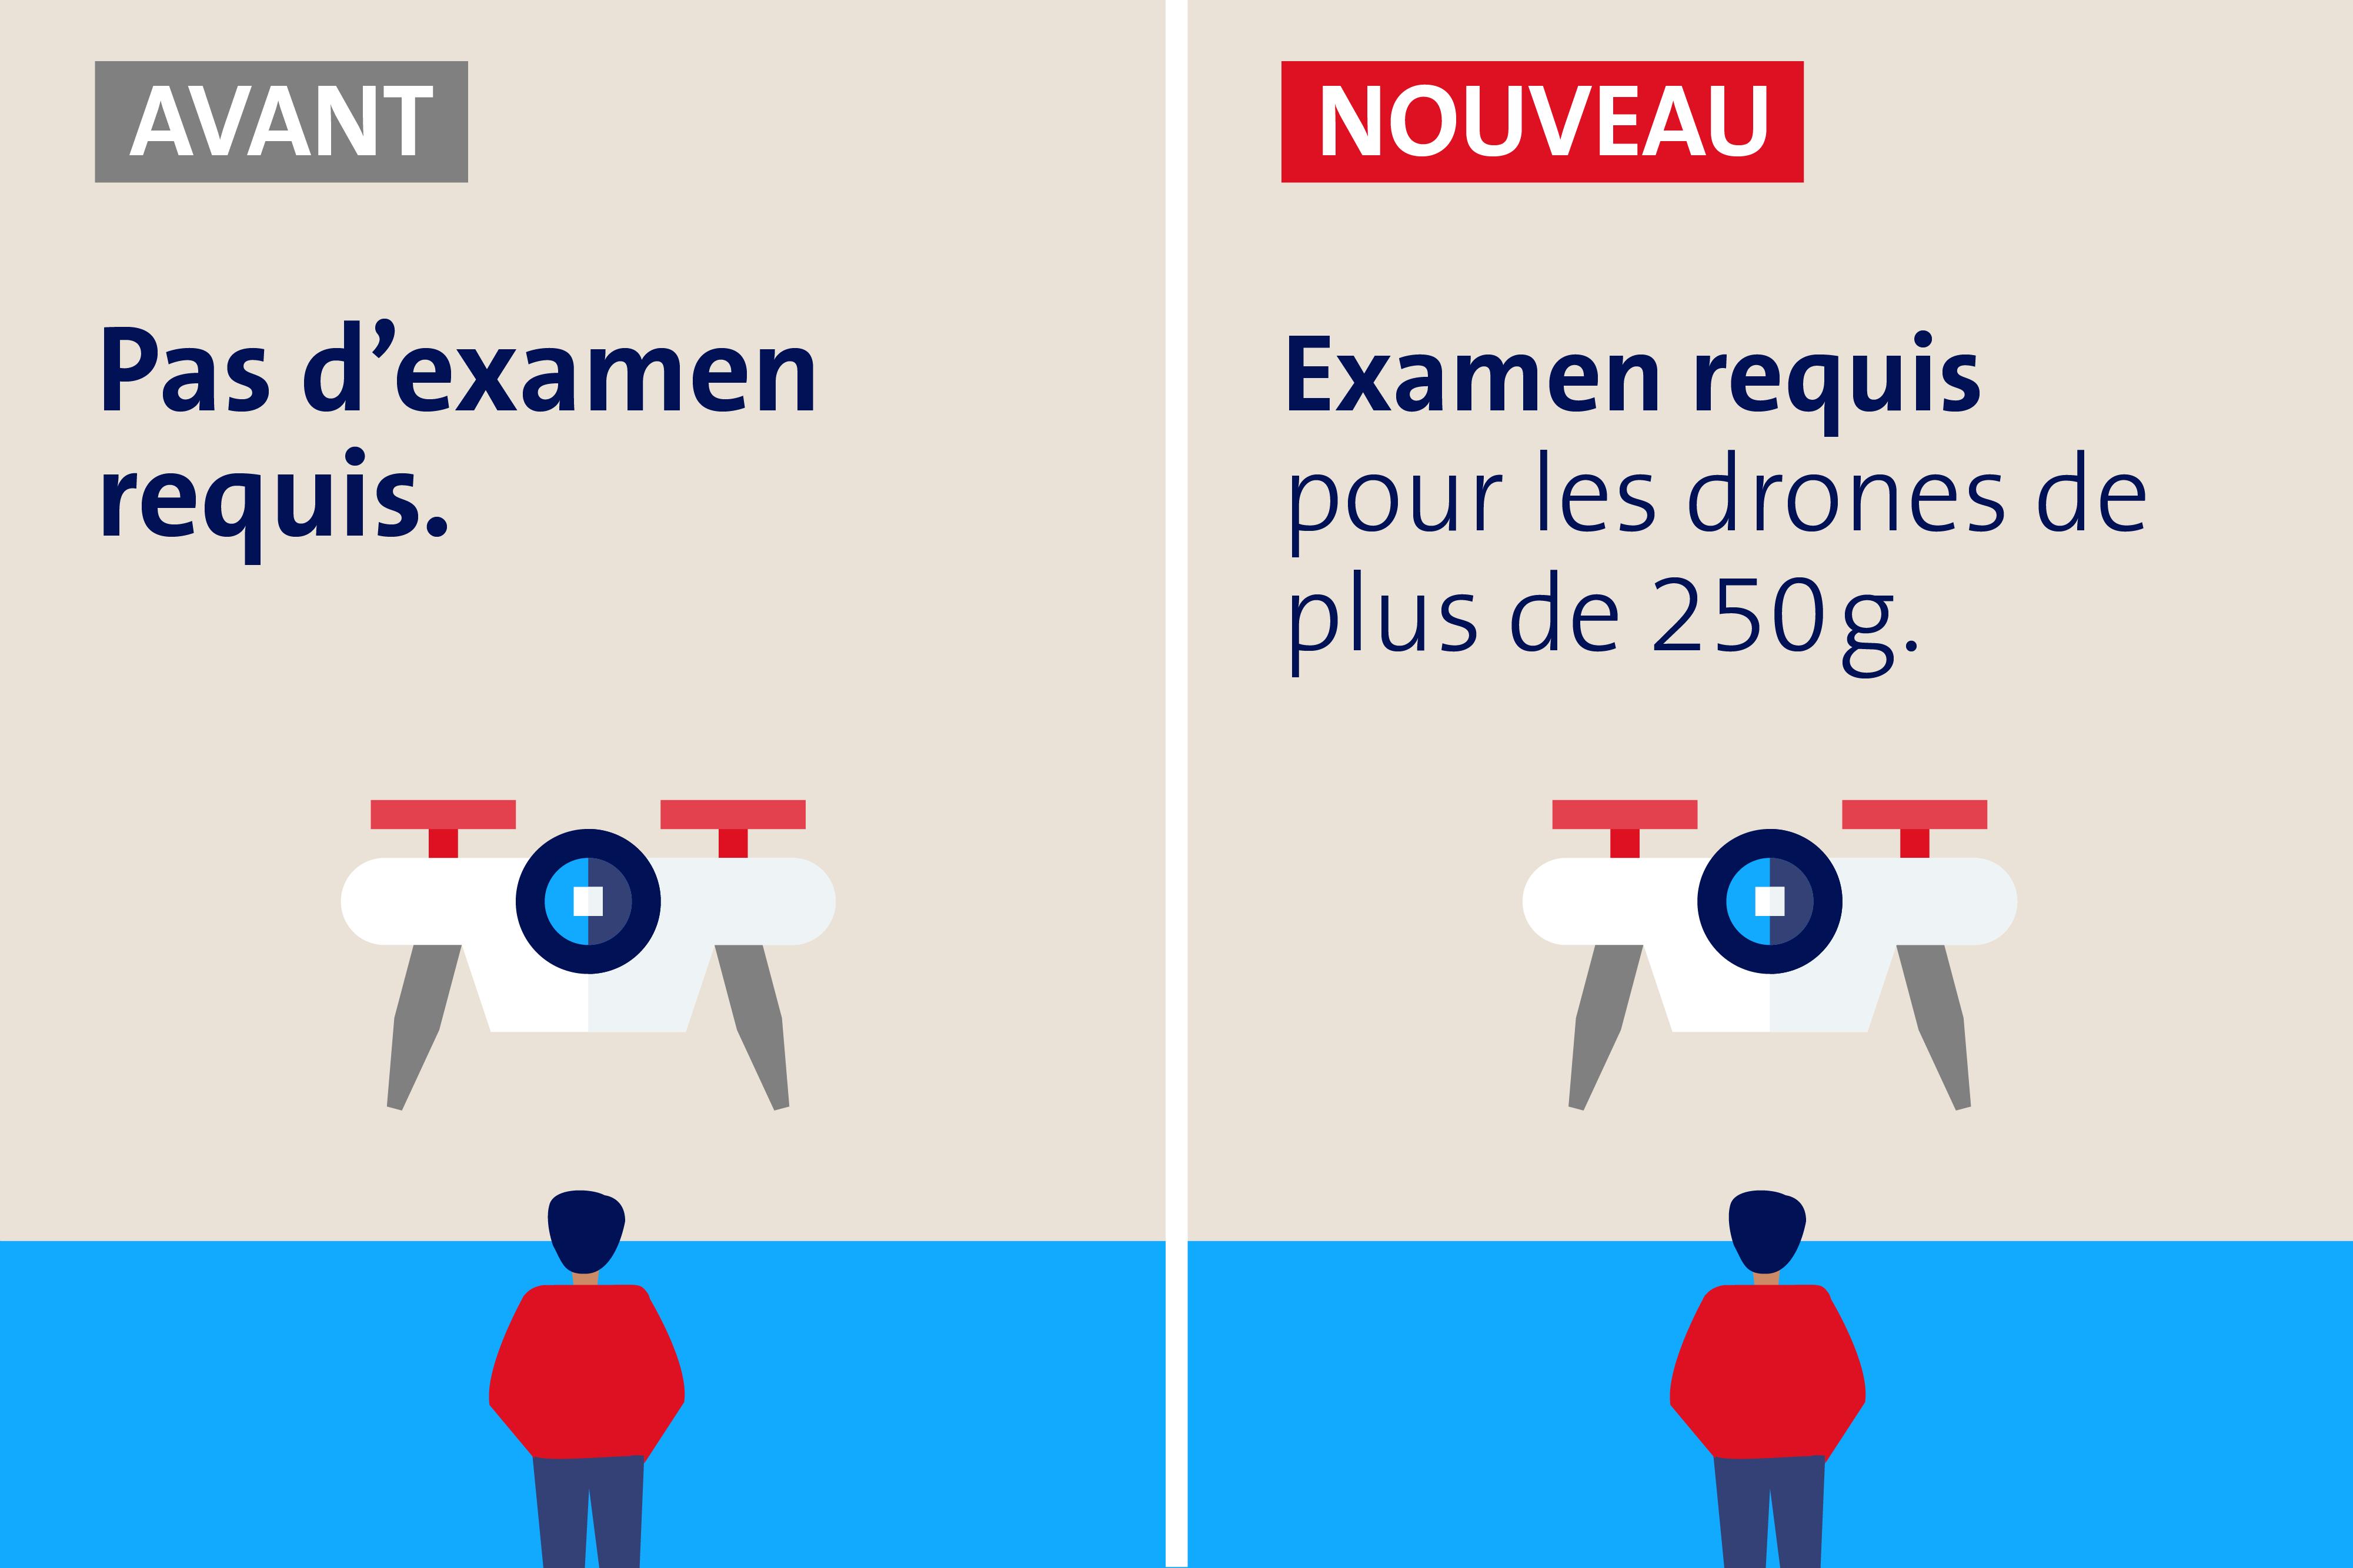 nouvelle-reglementation-drones-suisse